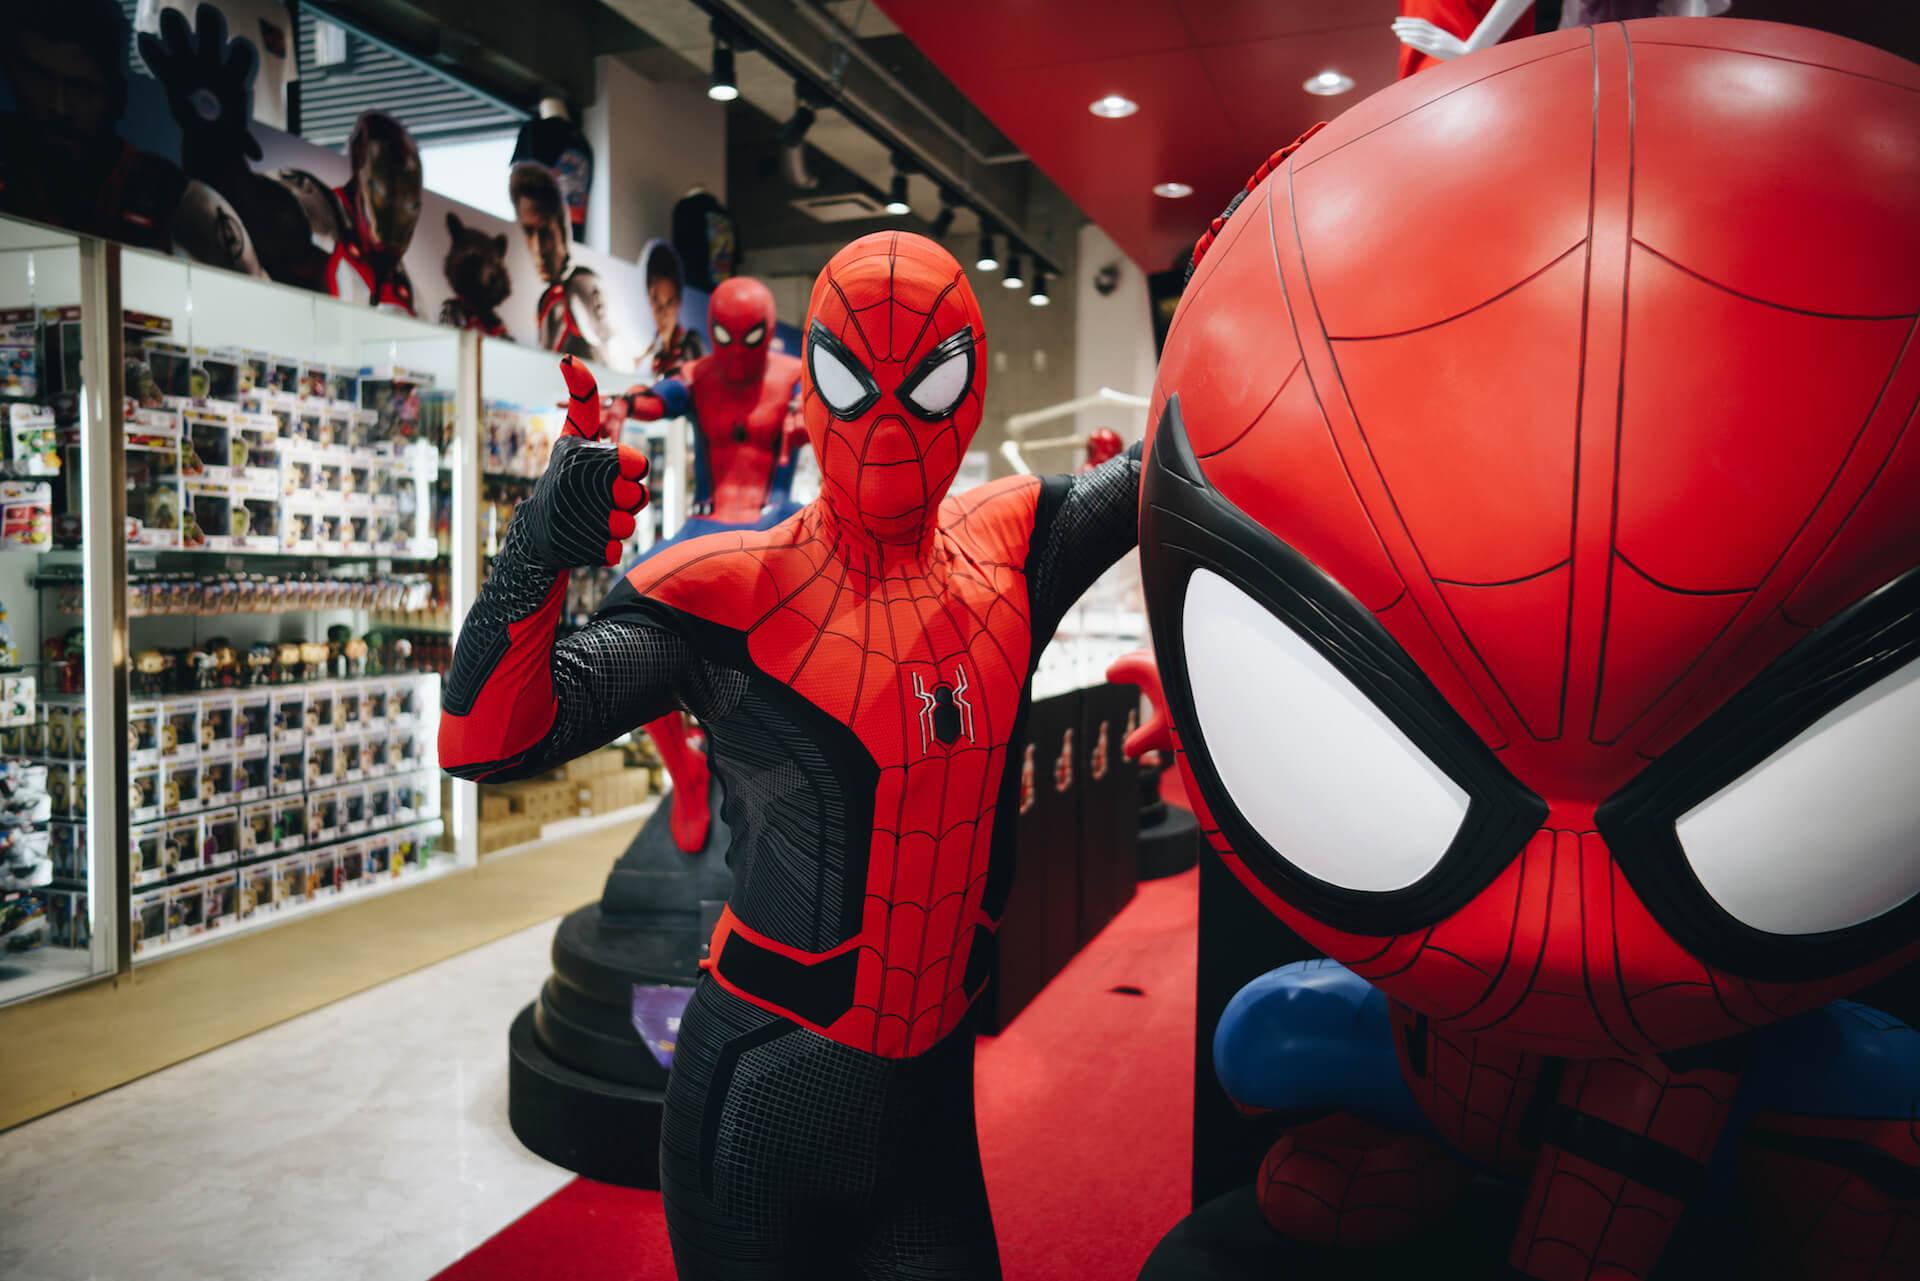 スパイダーマン好きなら目ギラギラ大興奮必至の期間限定ショップ探訪 art-culture-spiderman-store-report-1